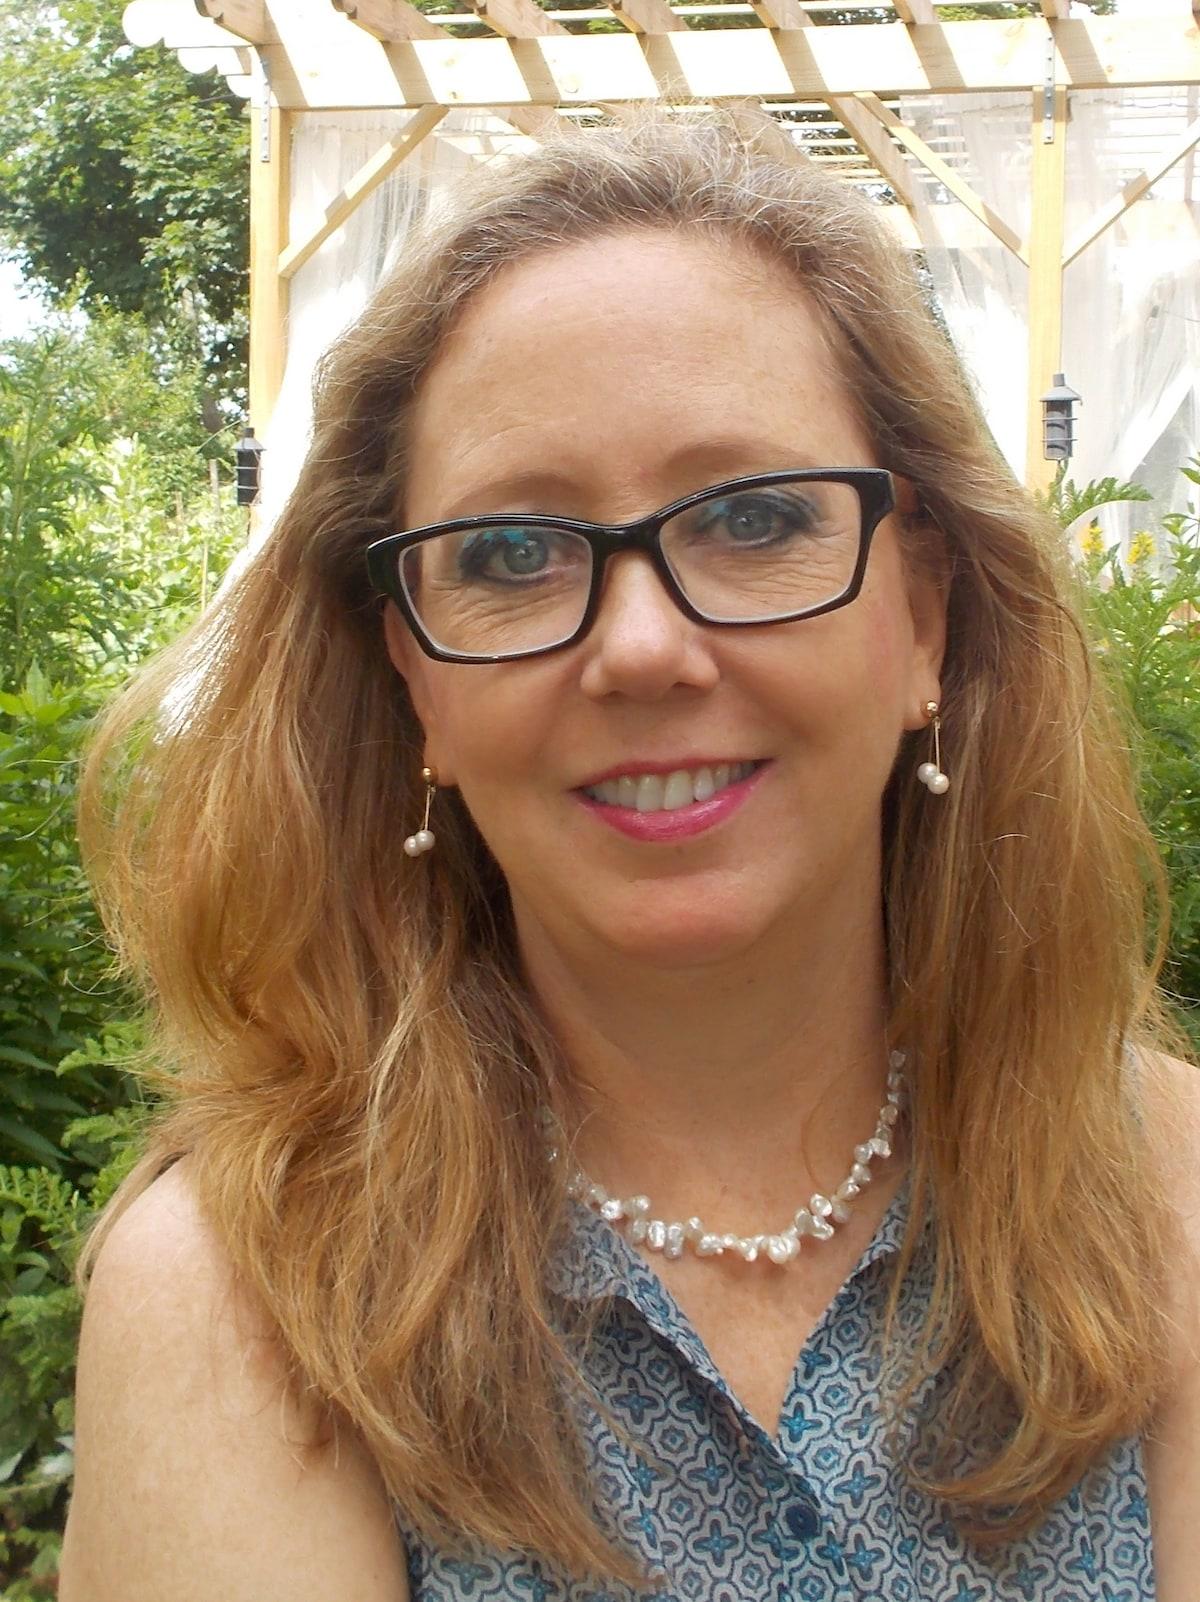 Heather From Stonington, CT